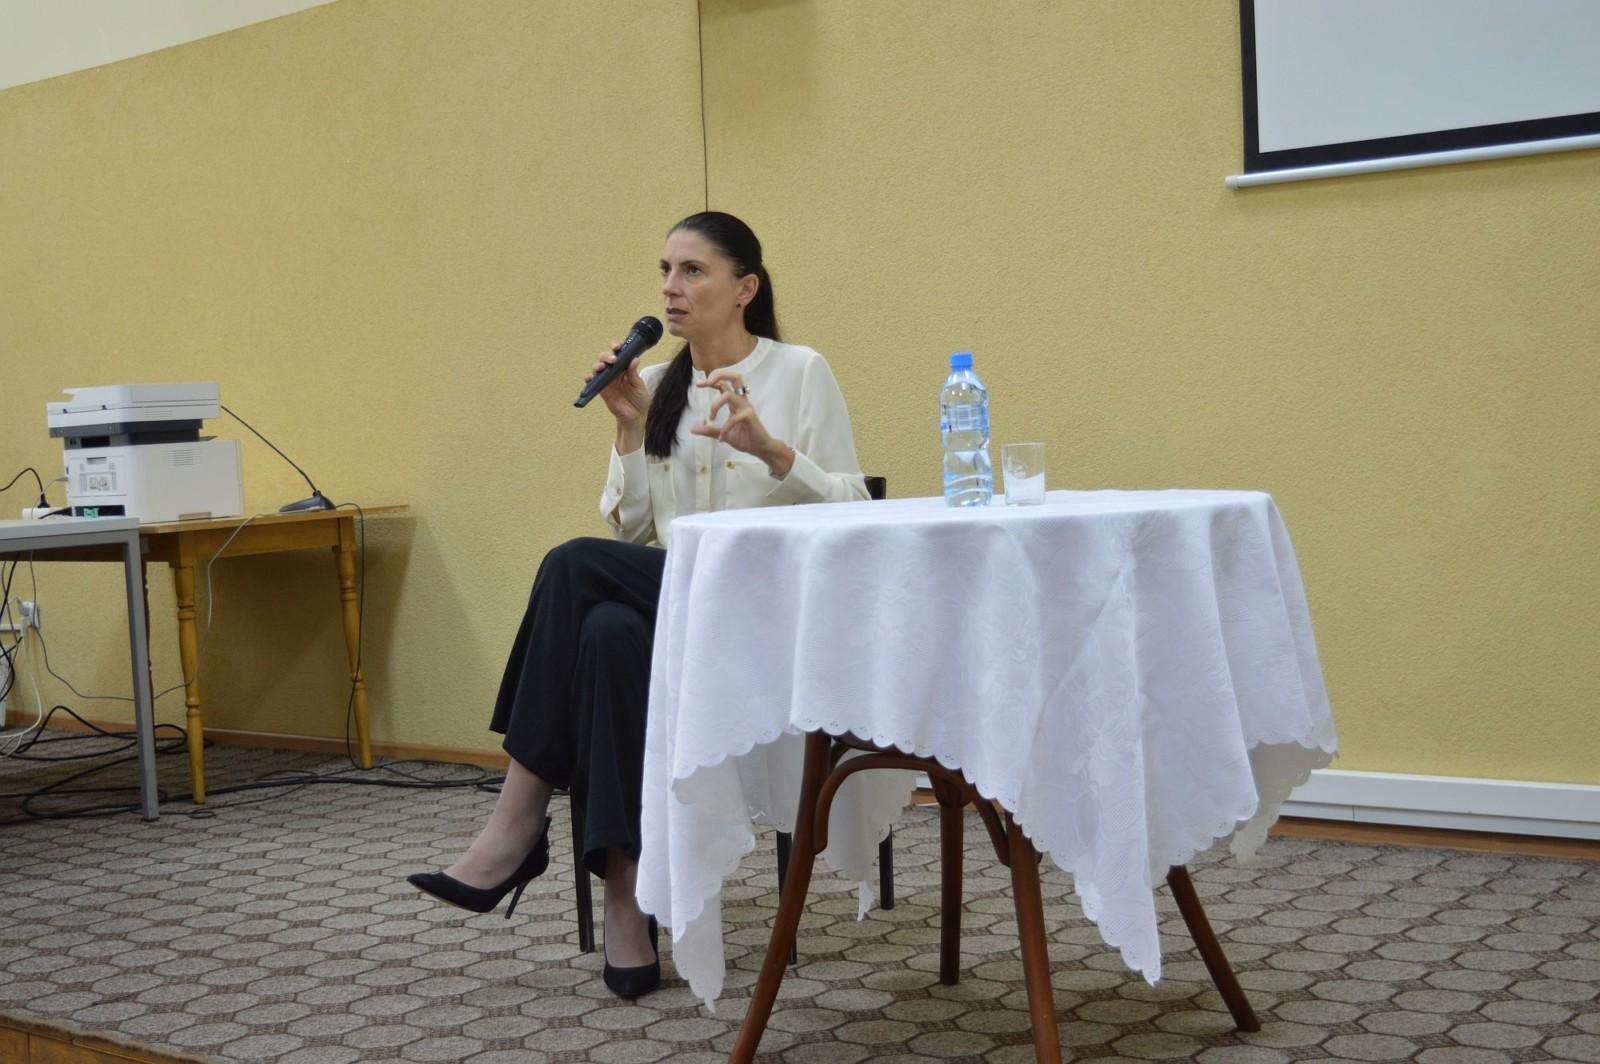 Spotkanie autorskie z Ałbeną Grabowską, Alwernia 17.09.2021 r.